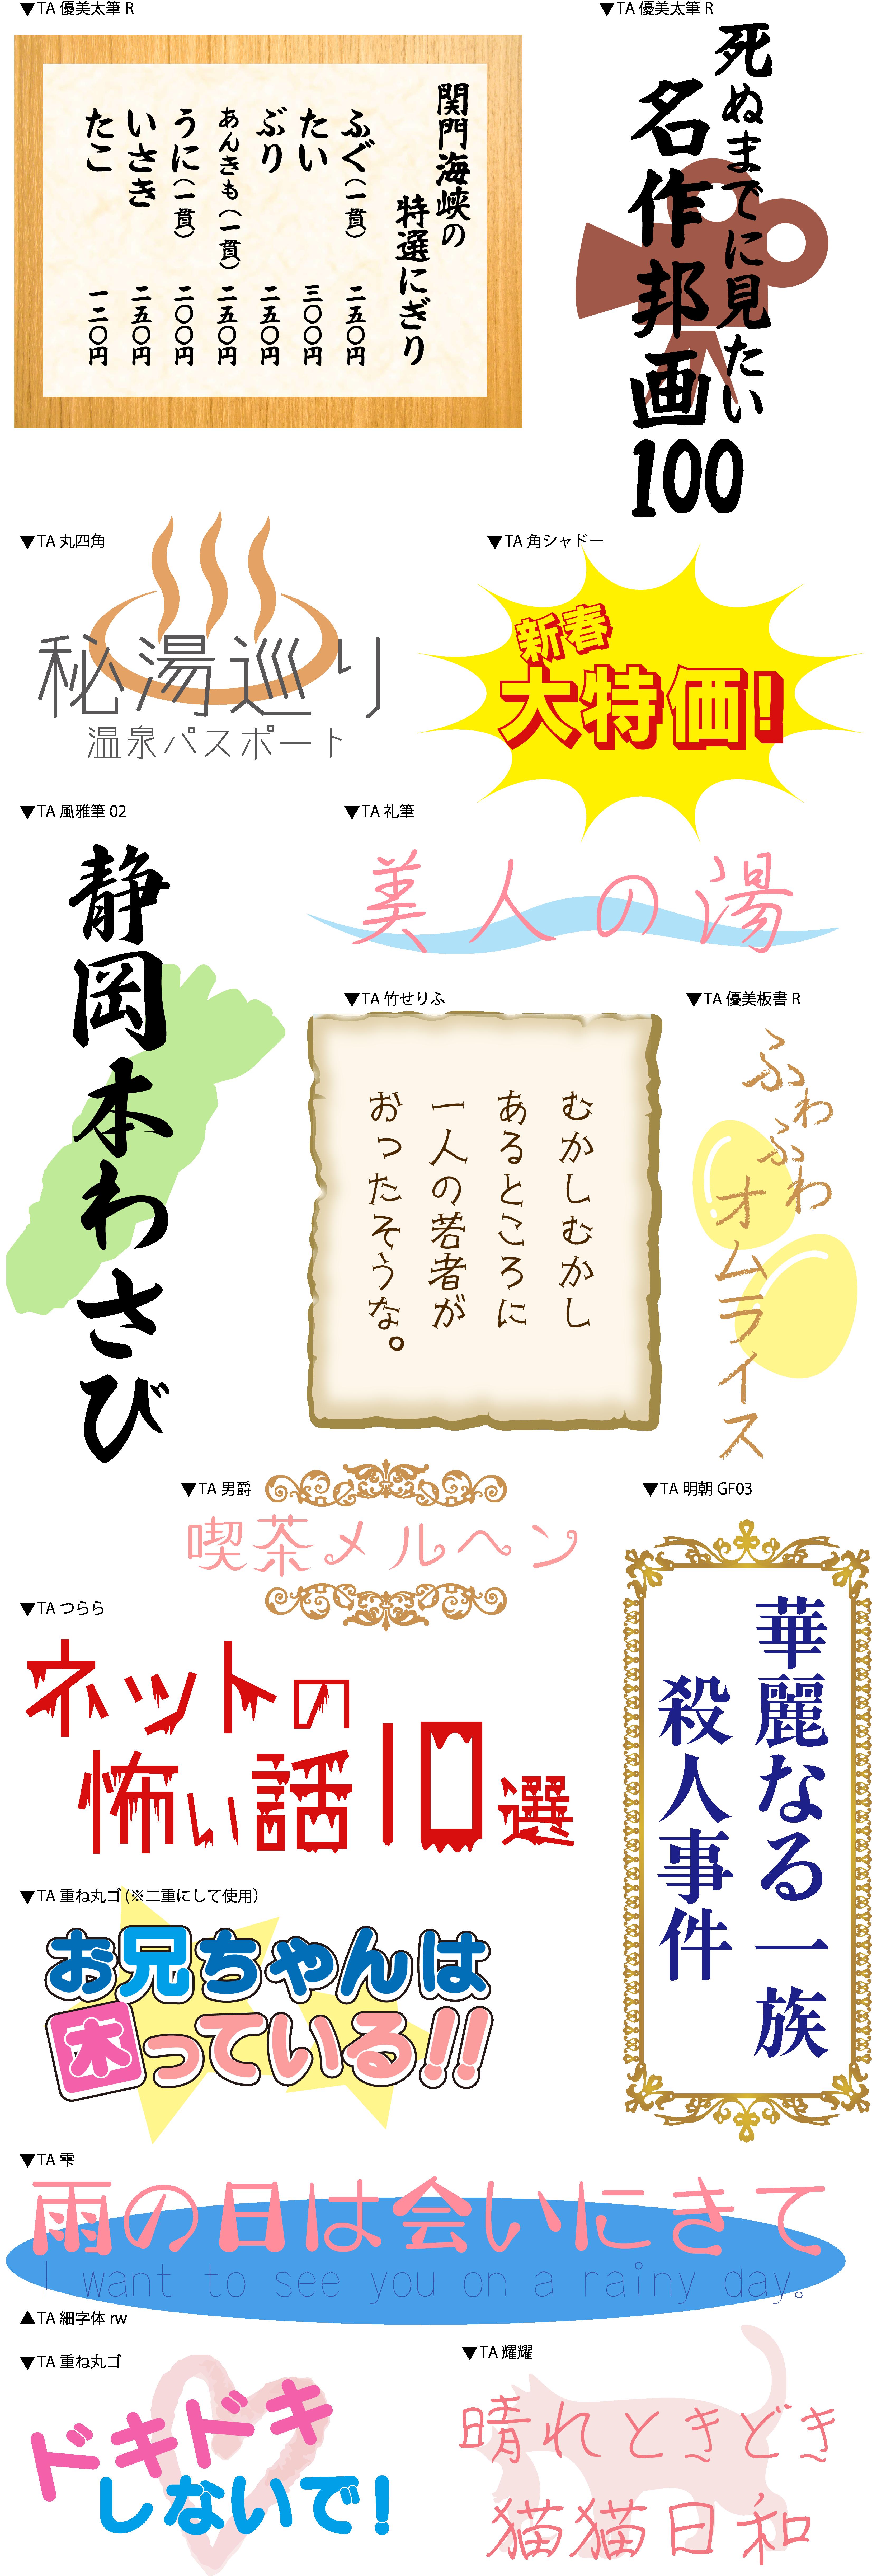 フォントWEBデザインやパッケージデザイン 広報 漫画 同人誌 個人的な年賀状